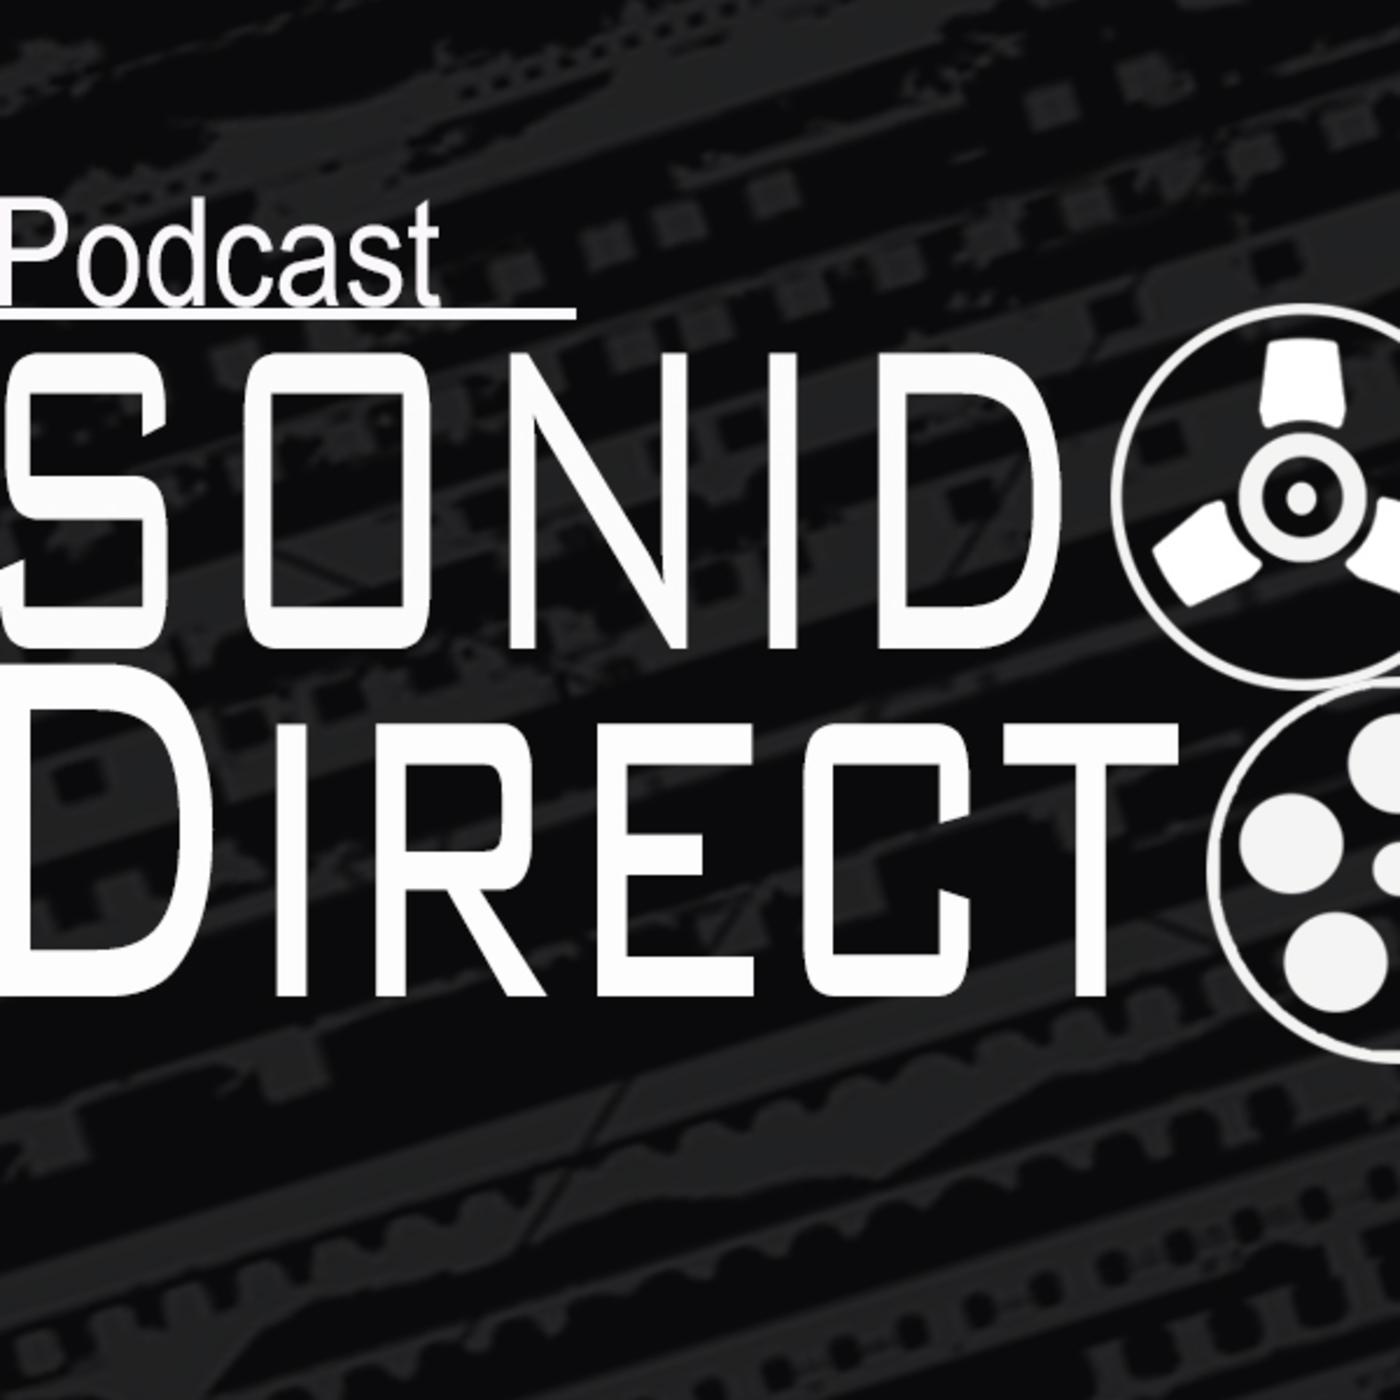 Sonido directo Podcast